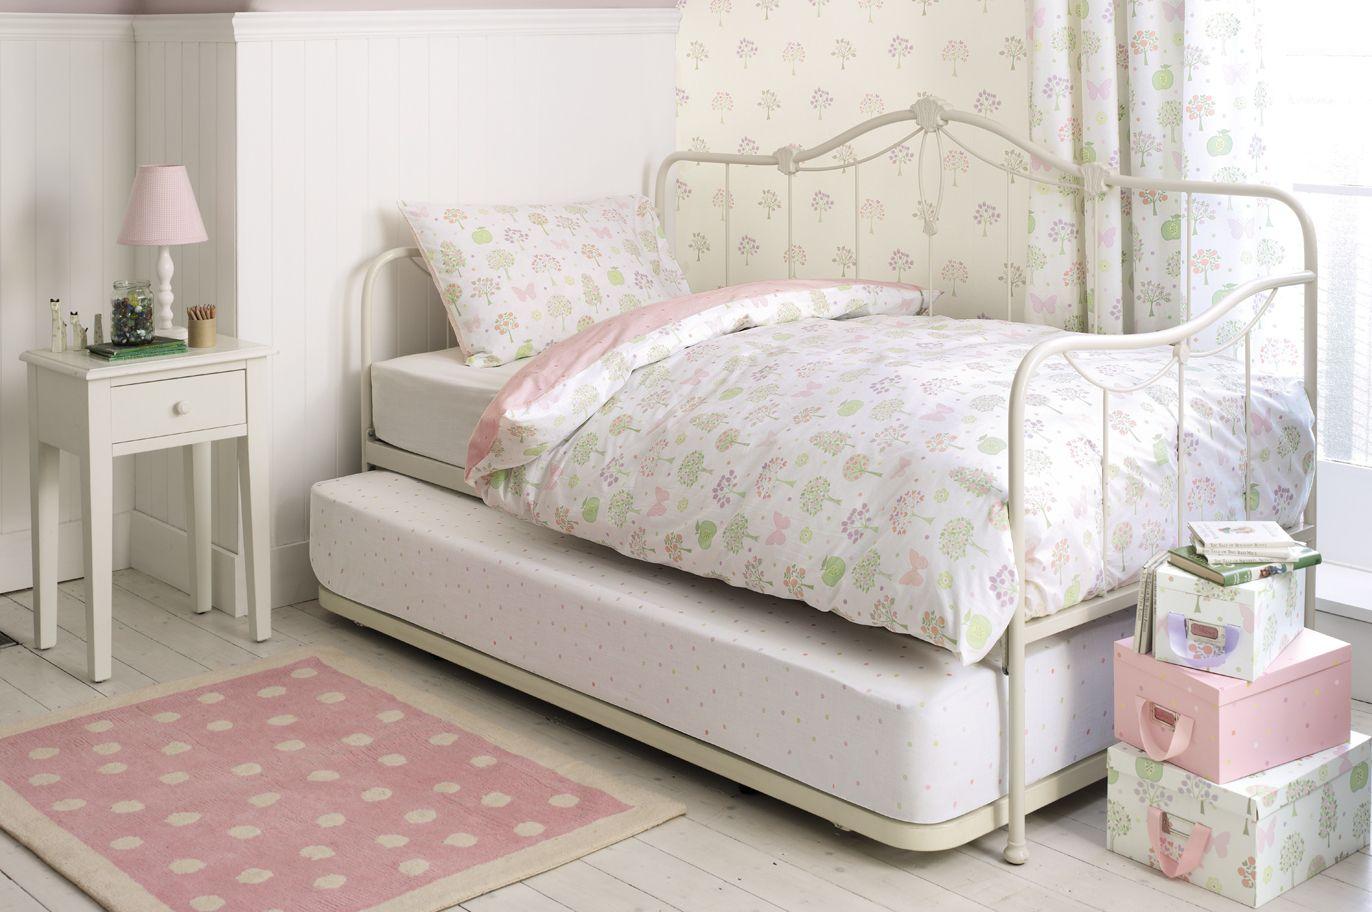 Нижний ярус кровати находится практически на полу, поэтому на него целесообразно постелить высокий теплый матрац